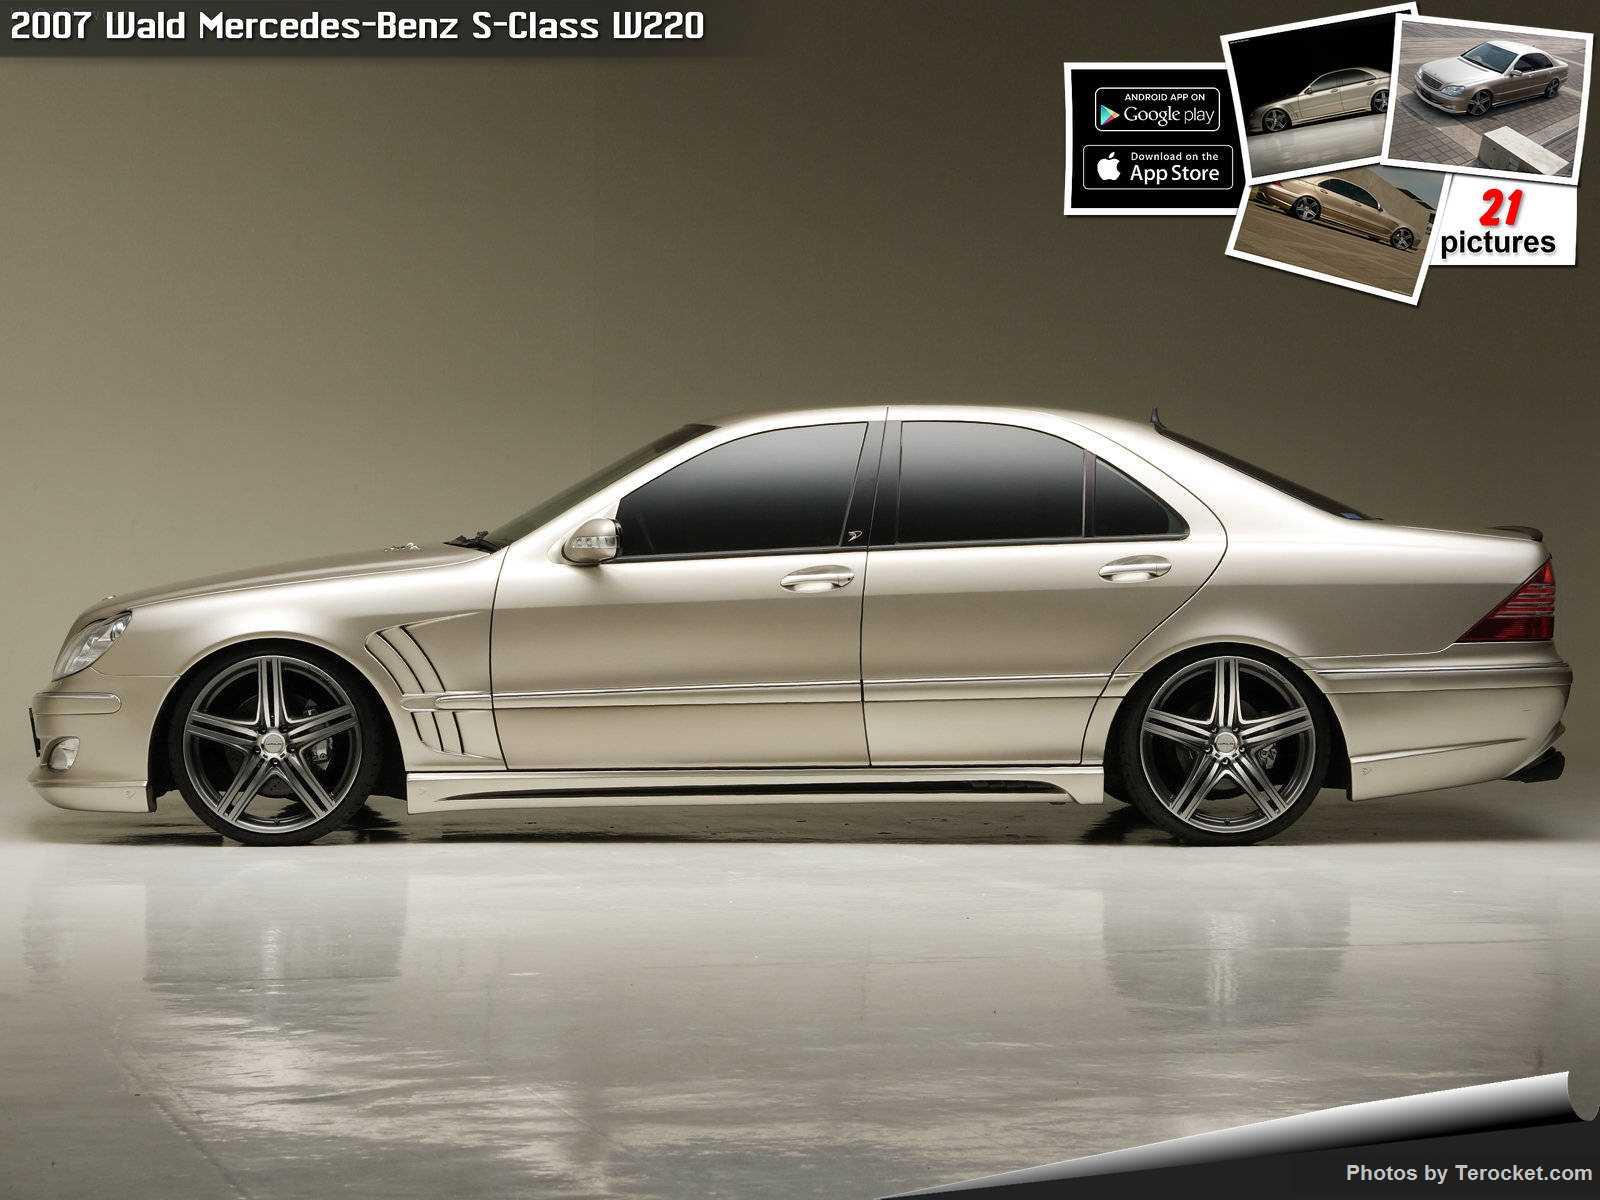 Hình ảnh xe độ Wald Mercedes-Benz S-Class W220 2007 & nội ngoại thất